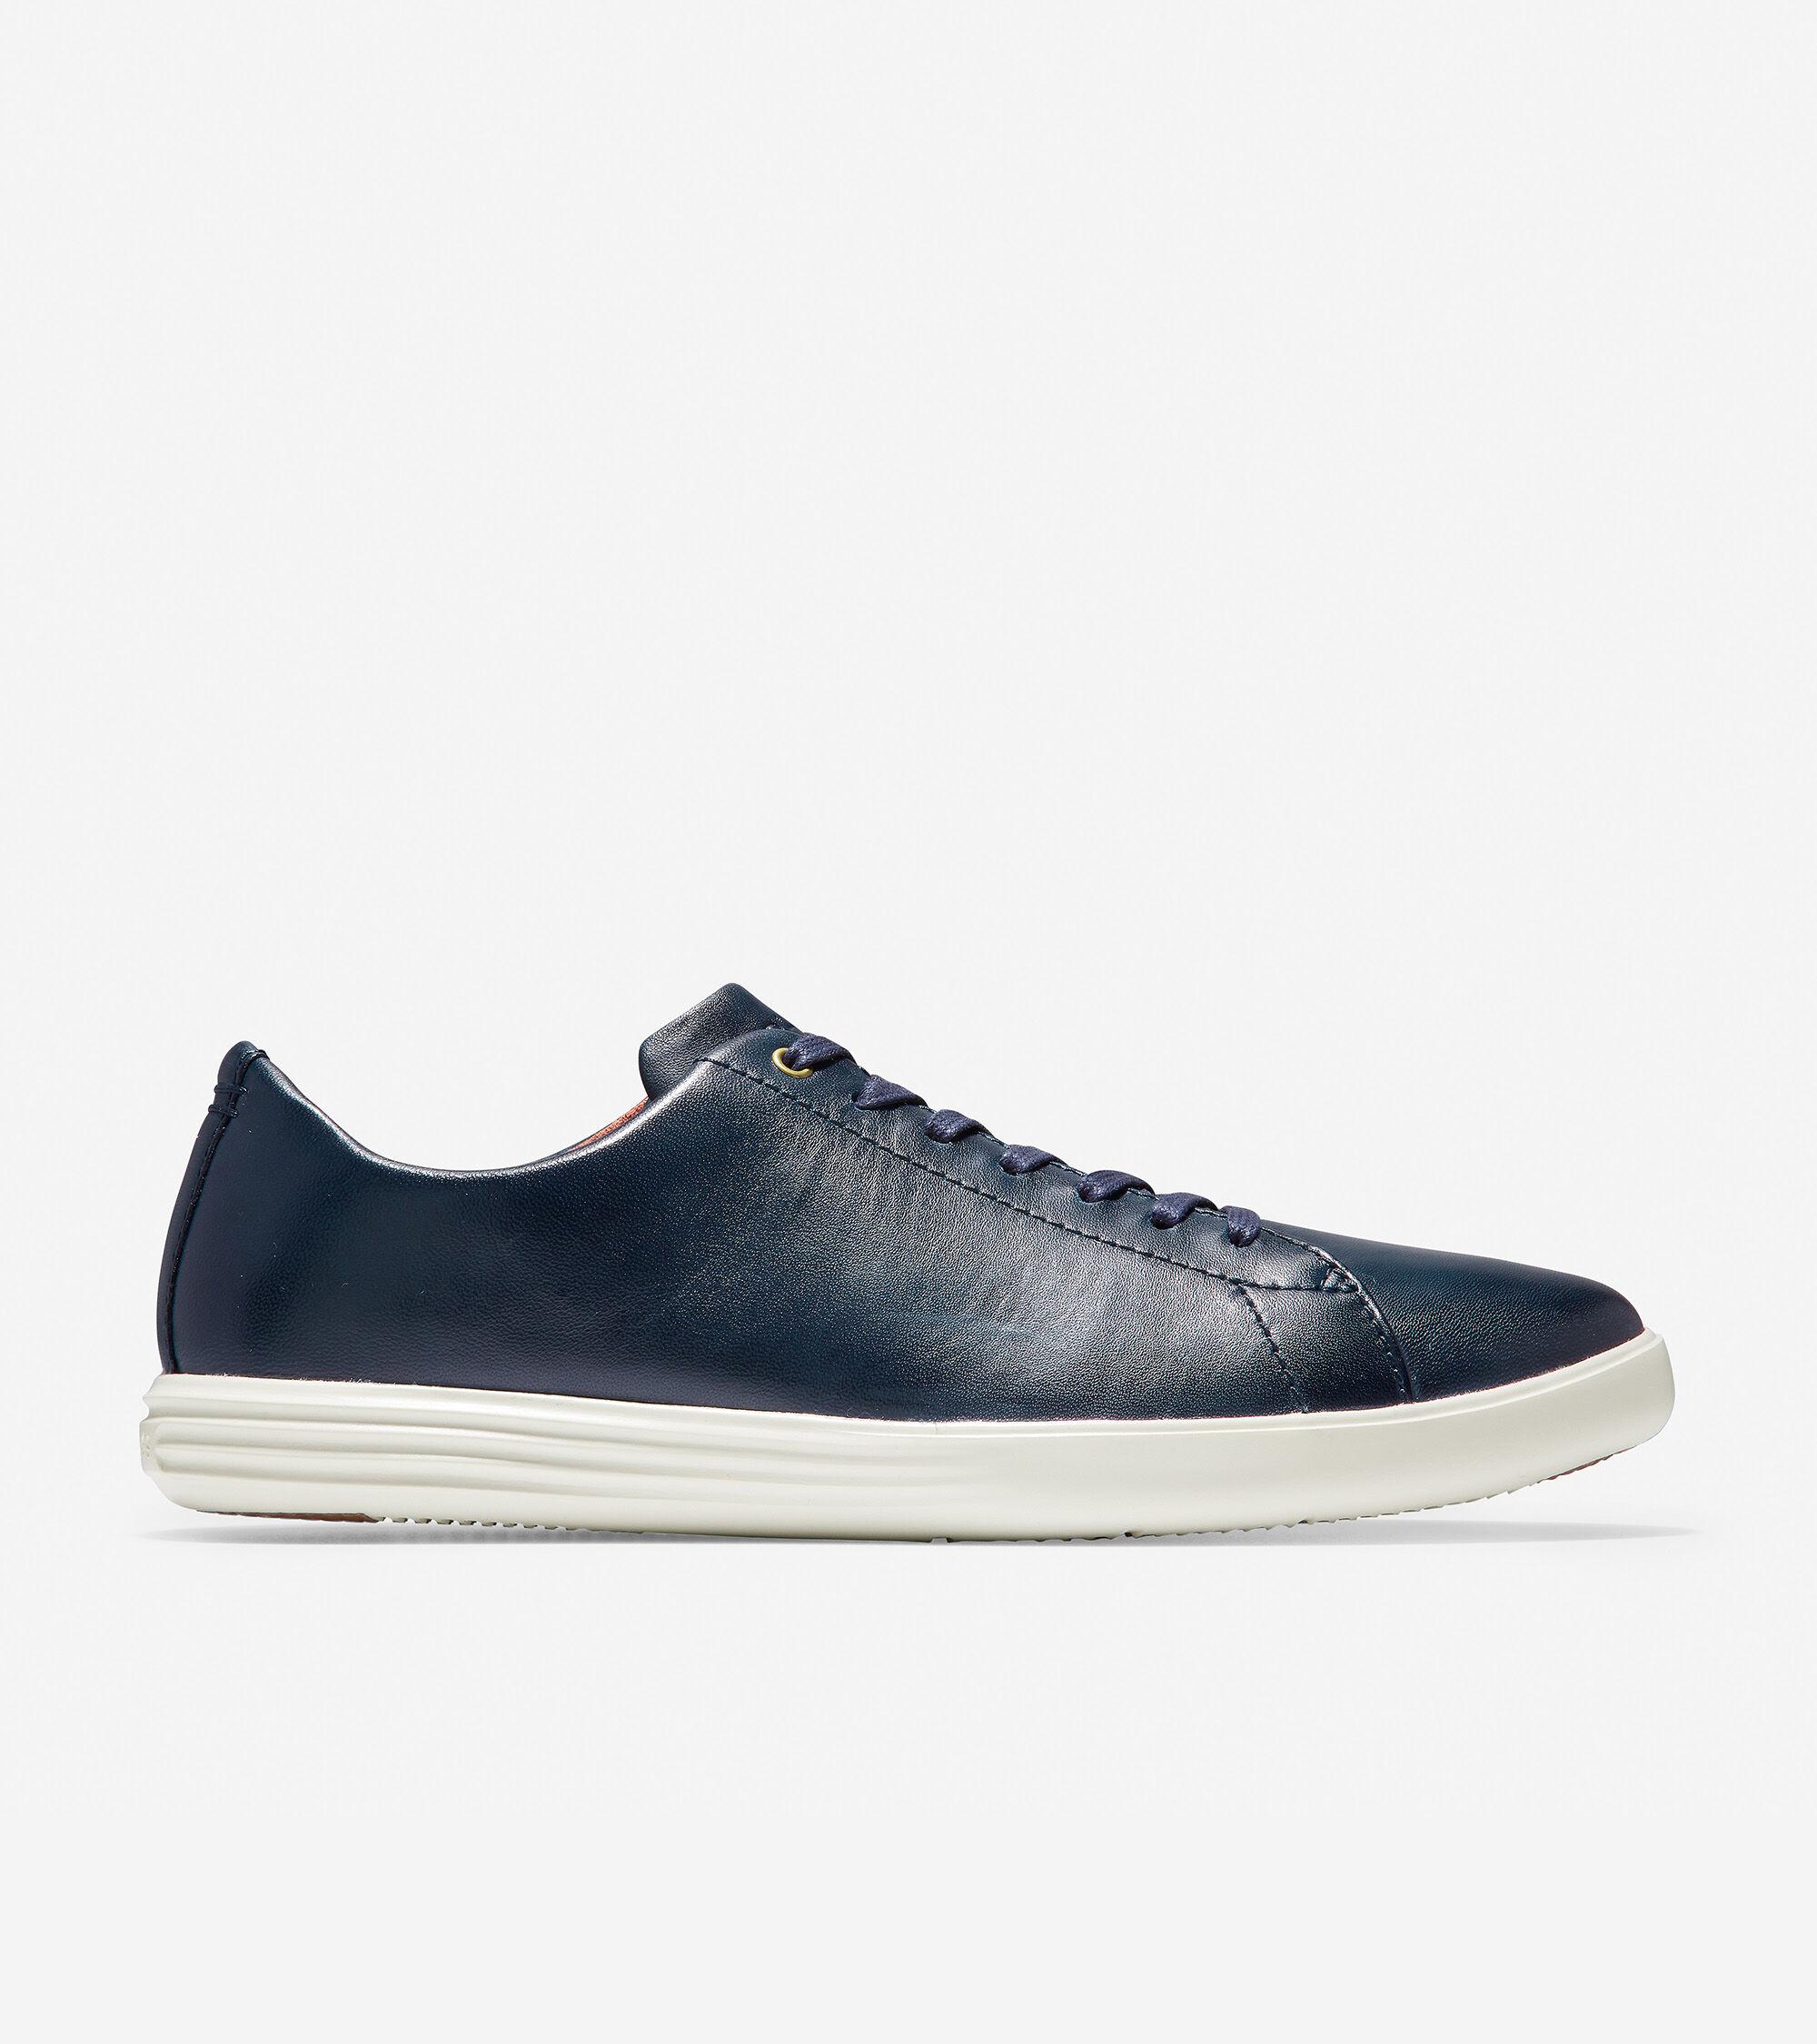 Men's Grand Crosscourt Sneaker in Navy